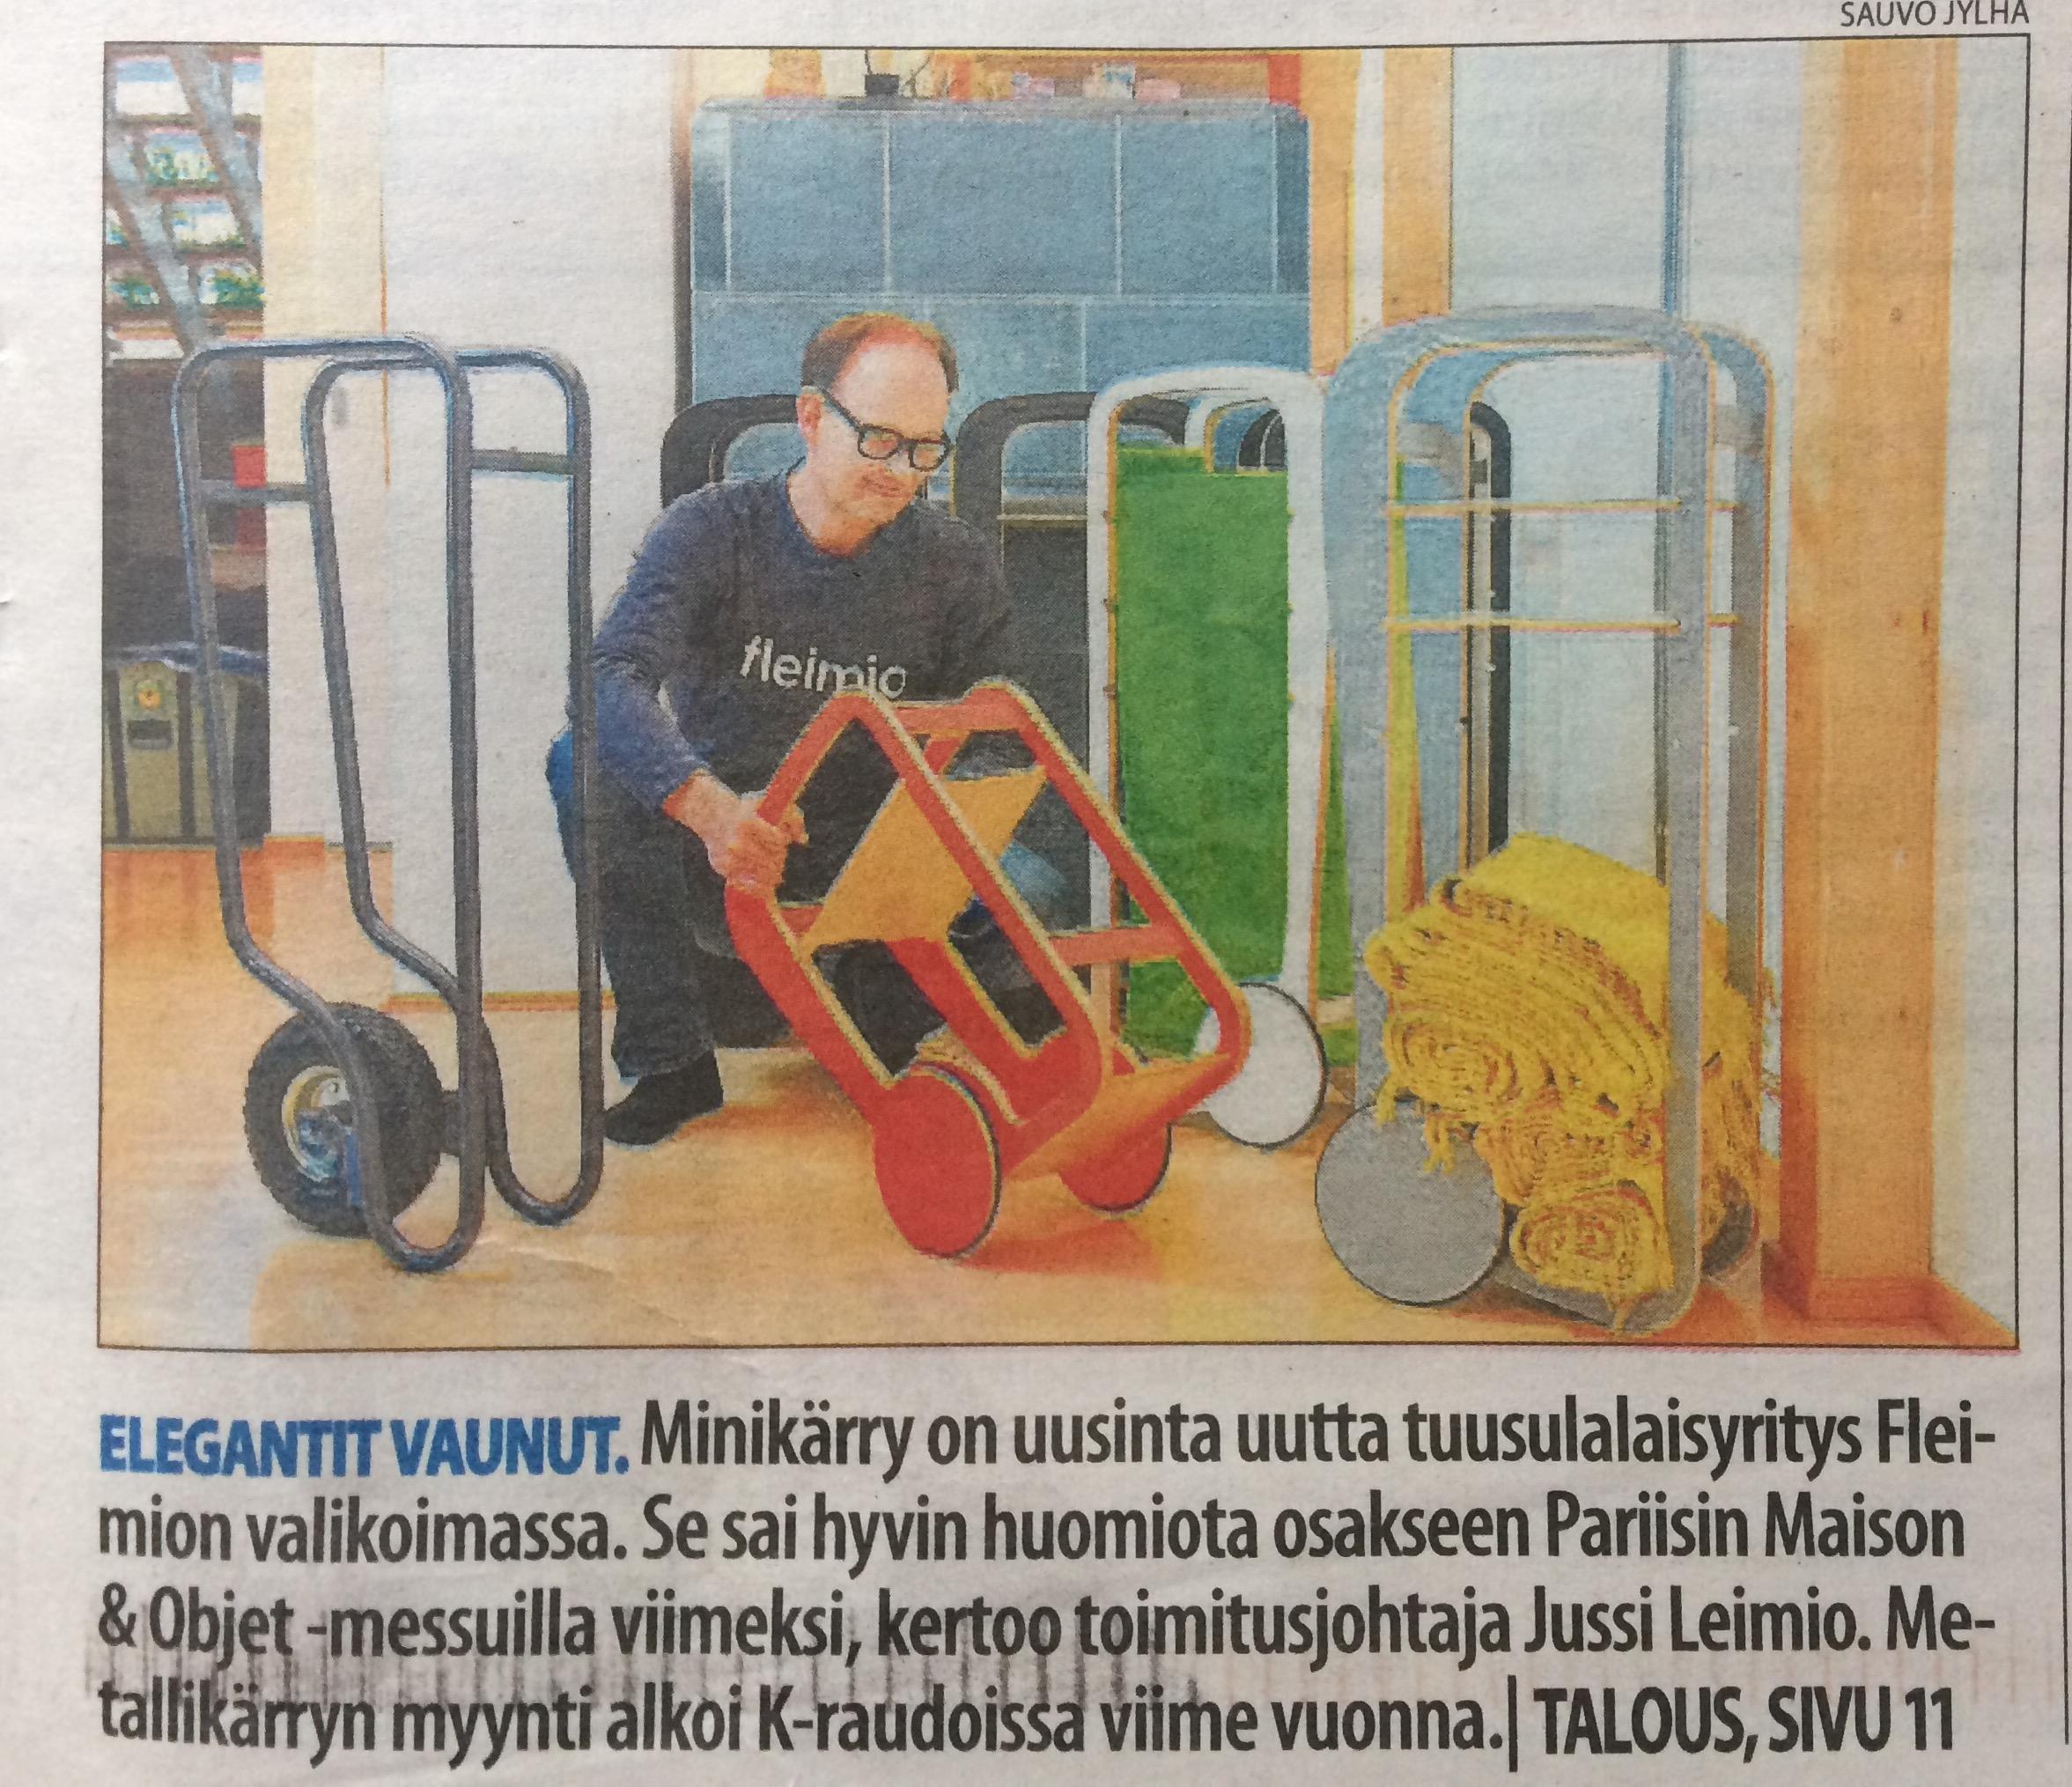 elegant fleimio trolleys / Keski-Uusimaa newspaper 24.7.2017